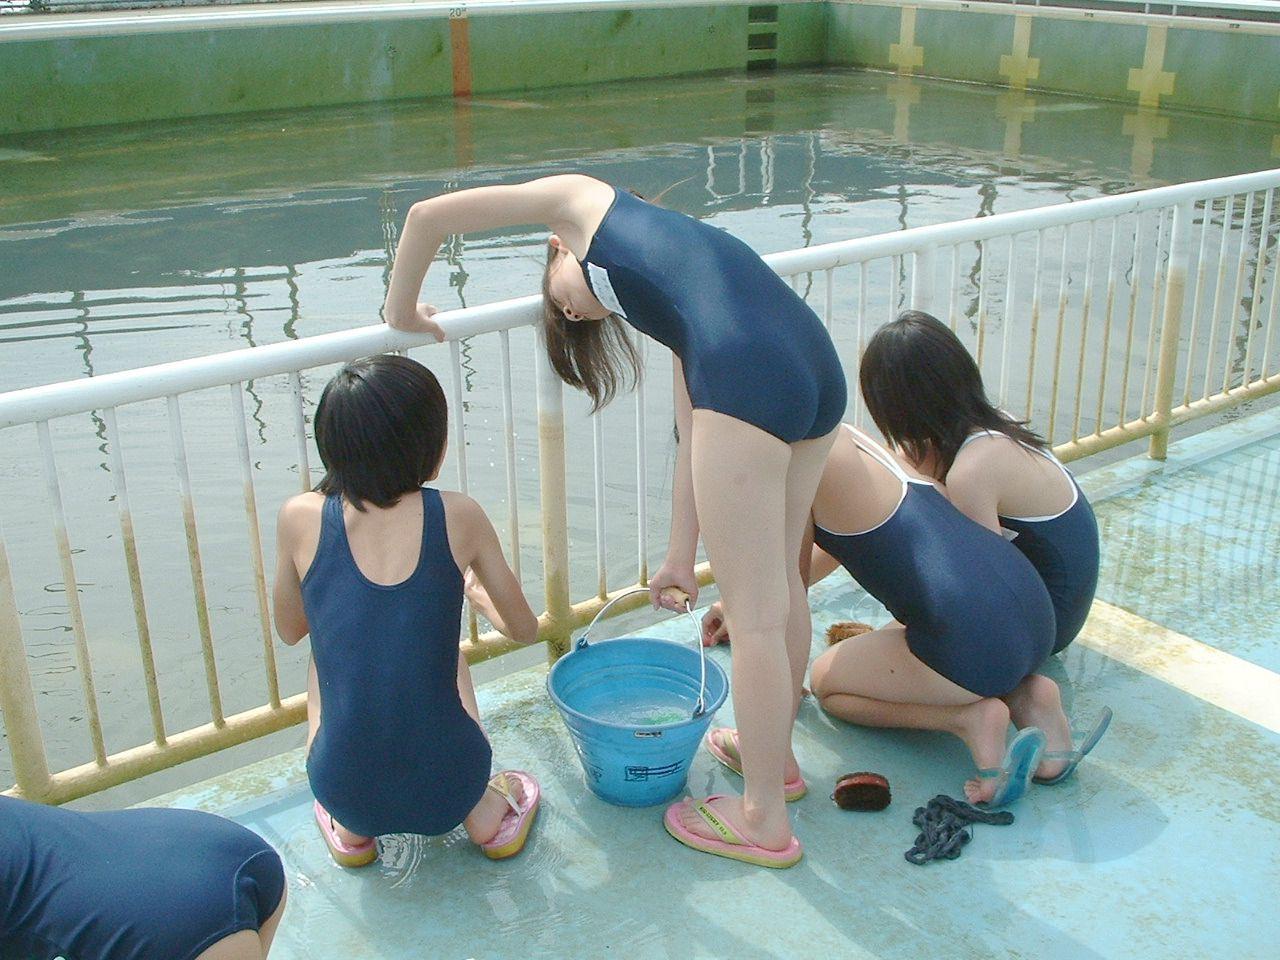 スクール水着姿でプール掃除するJCを隠し撮り!